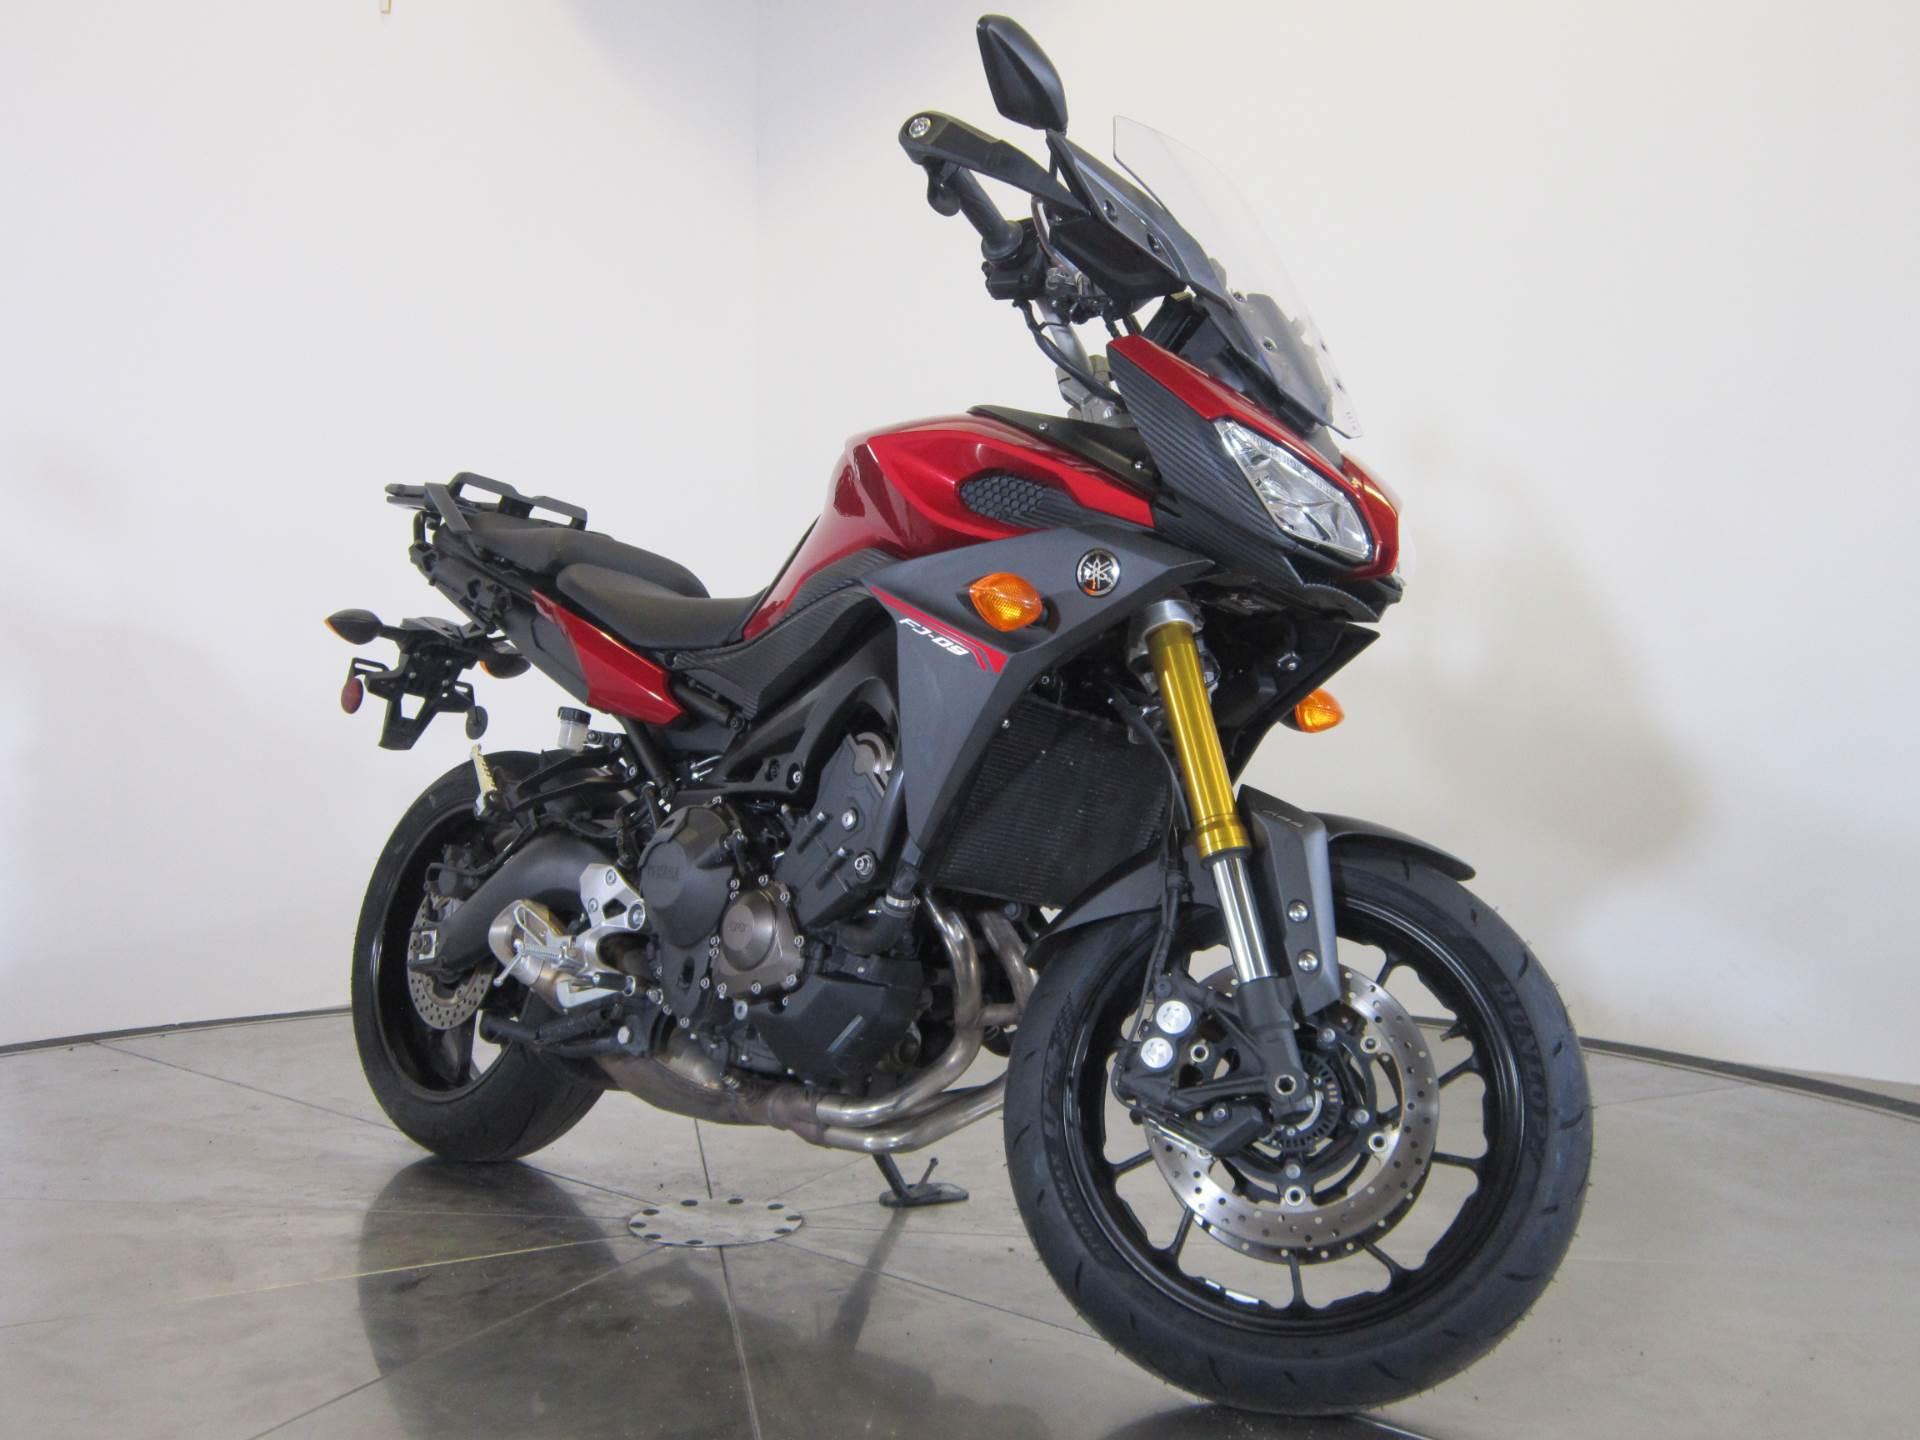 2015 Yamaha FJ-09 8